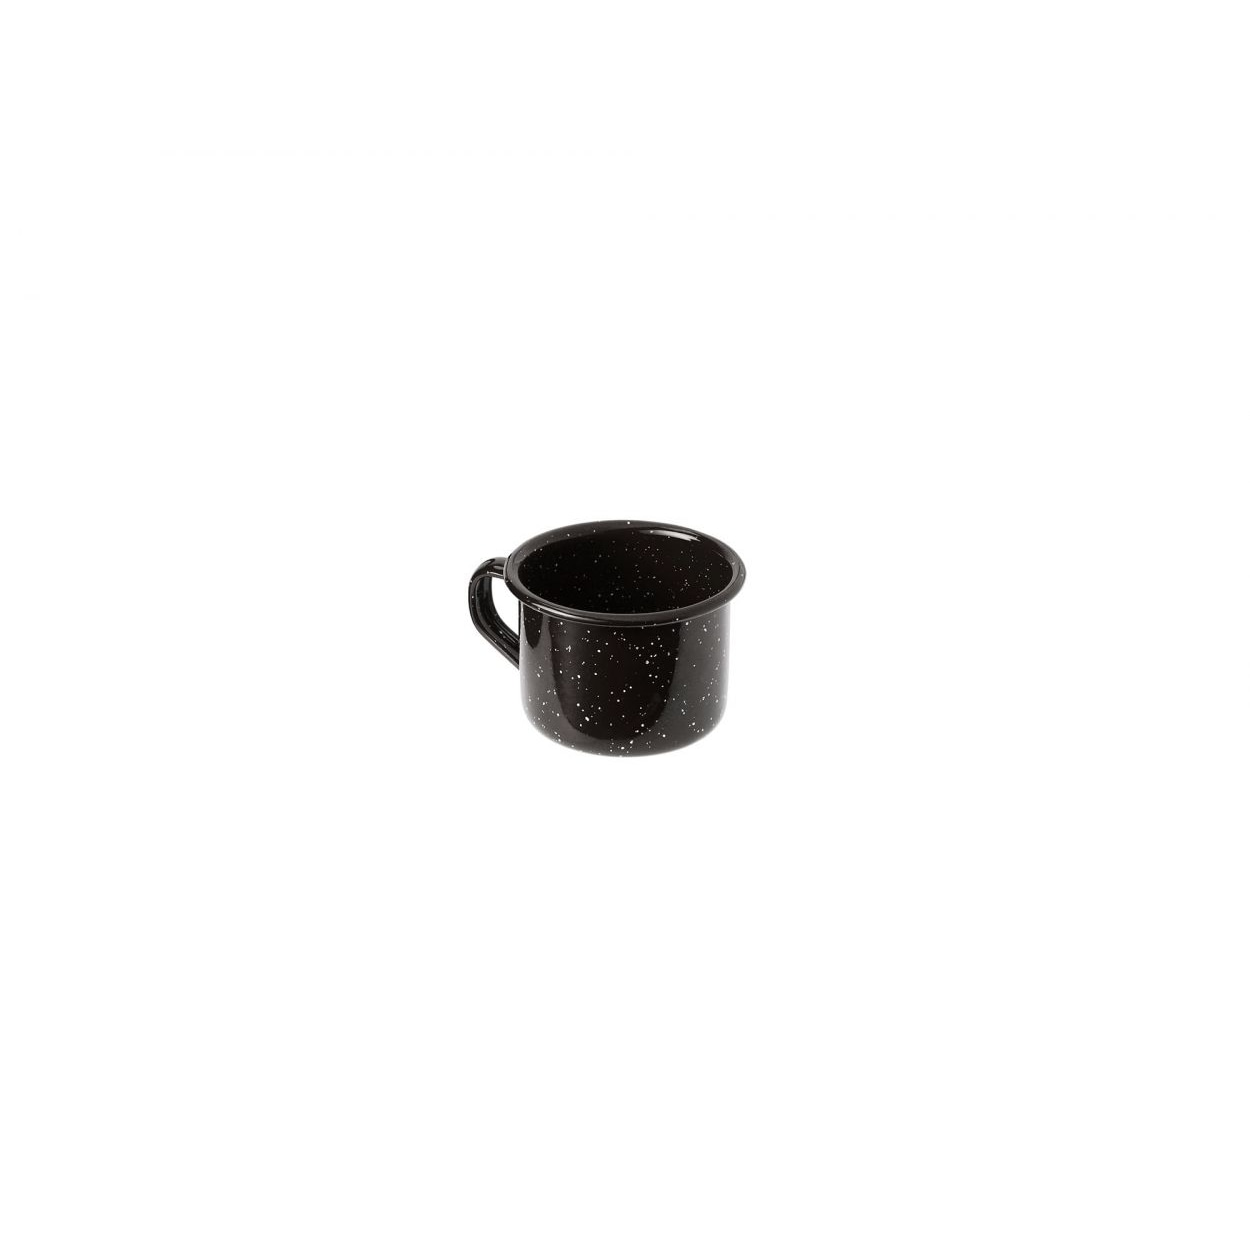 4 oz Black Cup